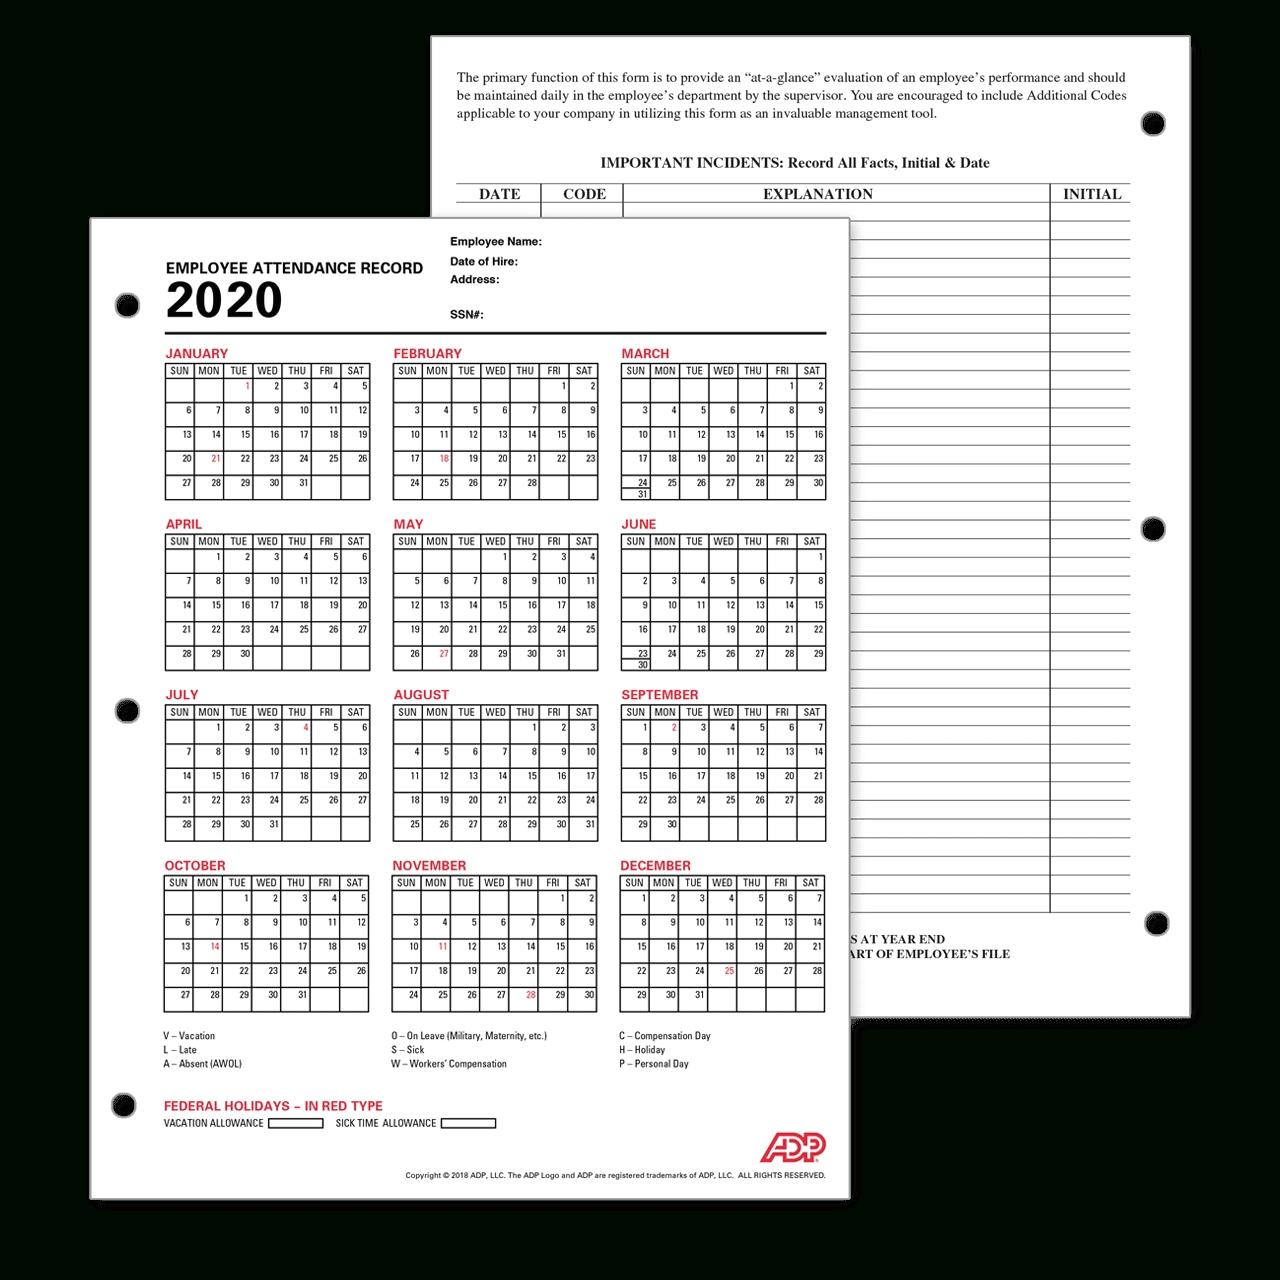 Adp Employee Attendance Record / Calendar intended for Employee Attendance Calendar 2020 Printable Free